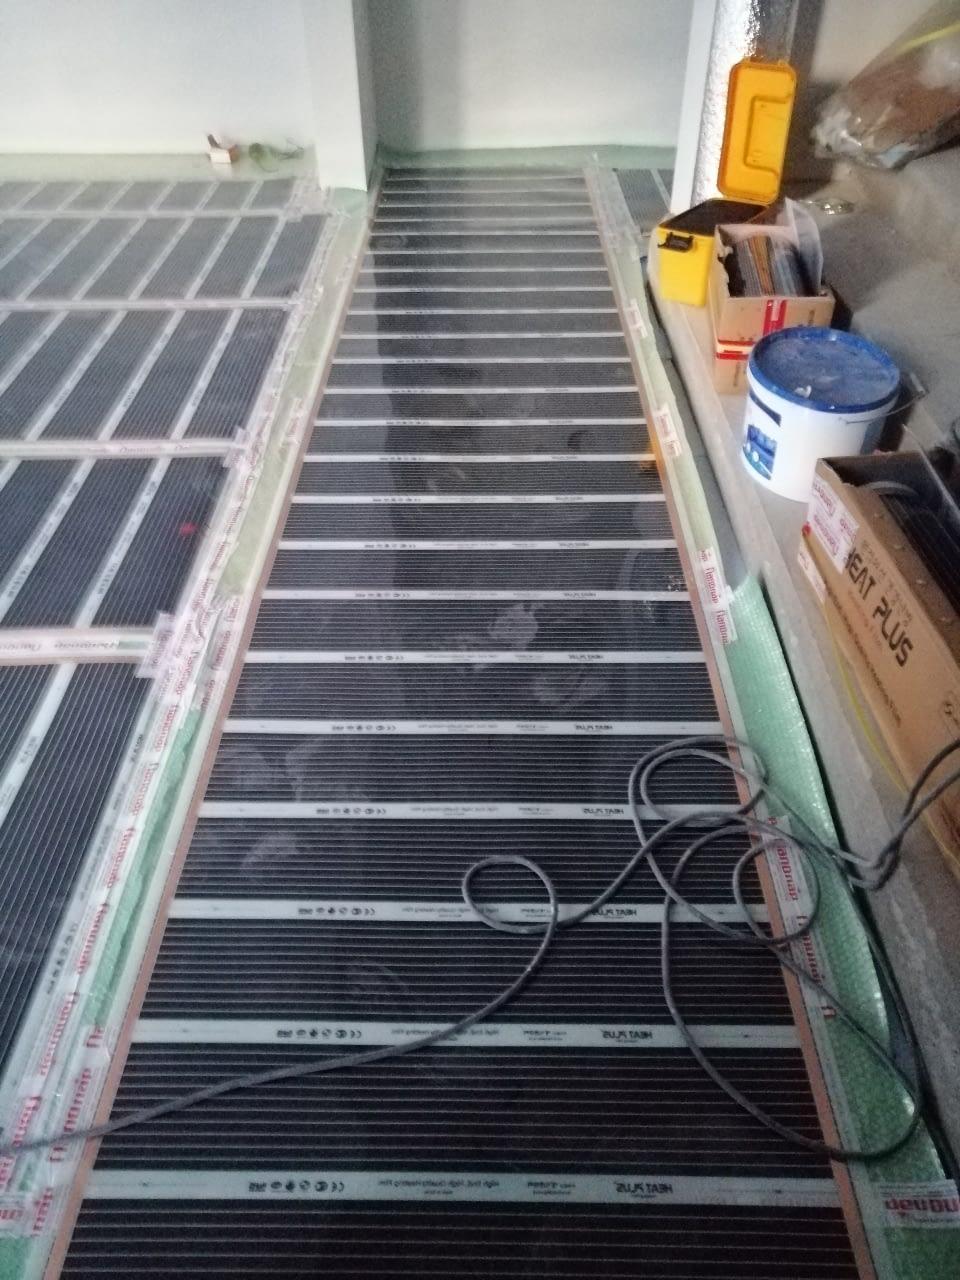 Infra padlófűtés kivietelezés orosháza (1)